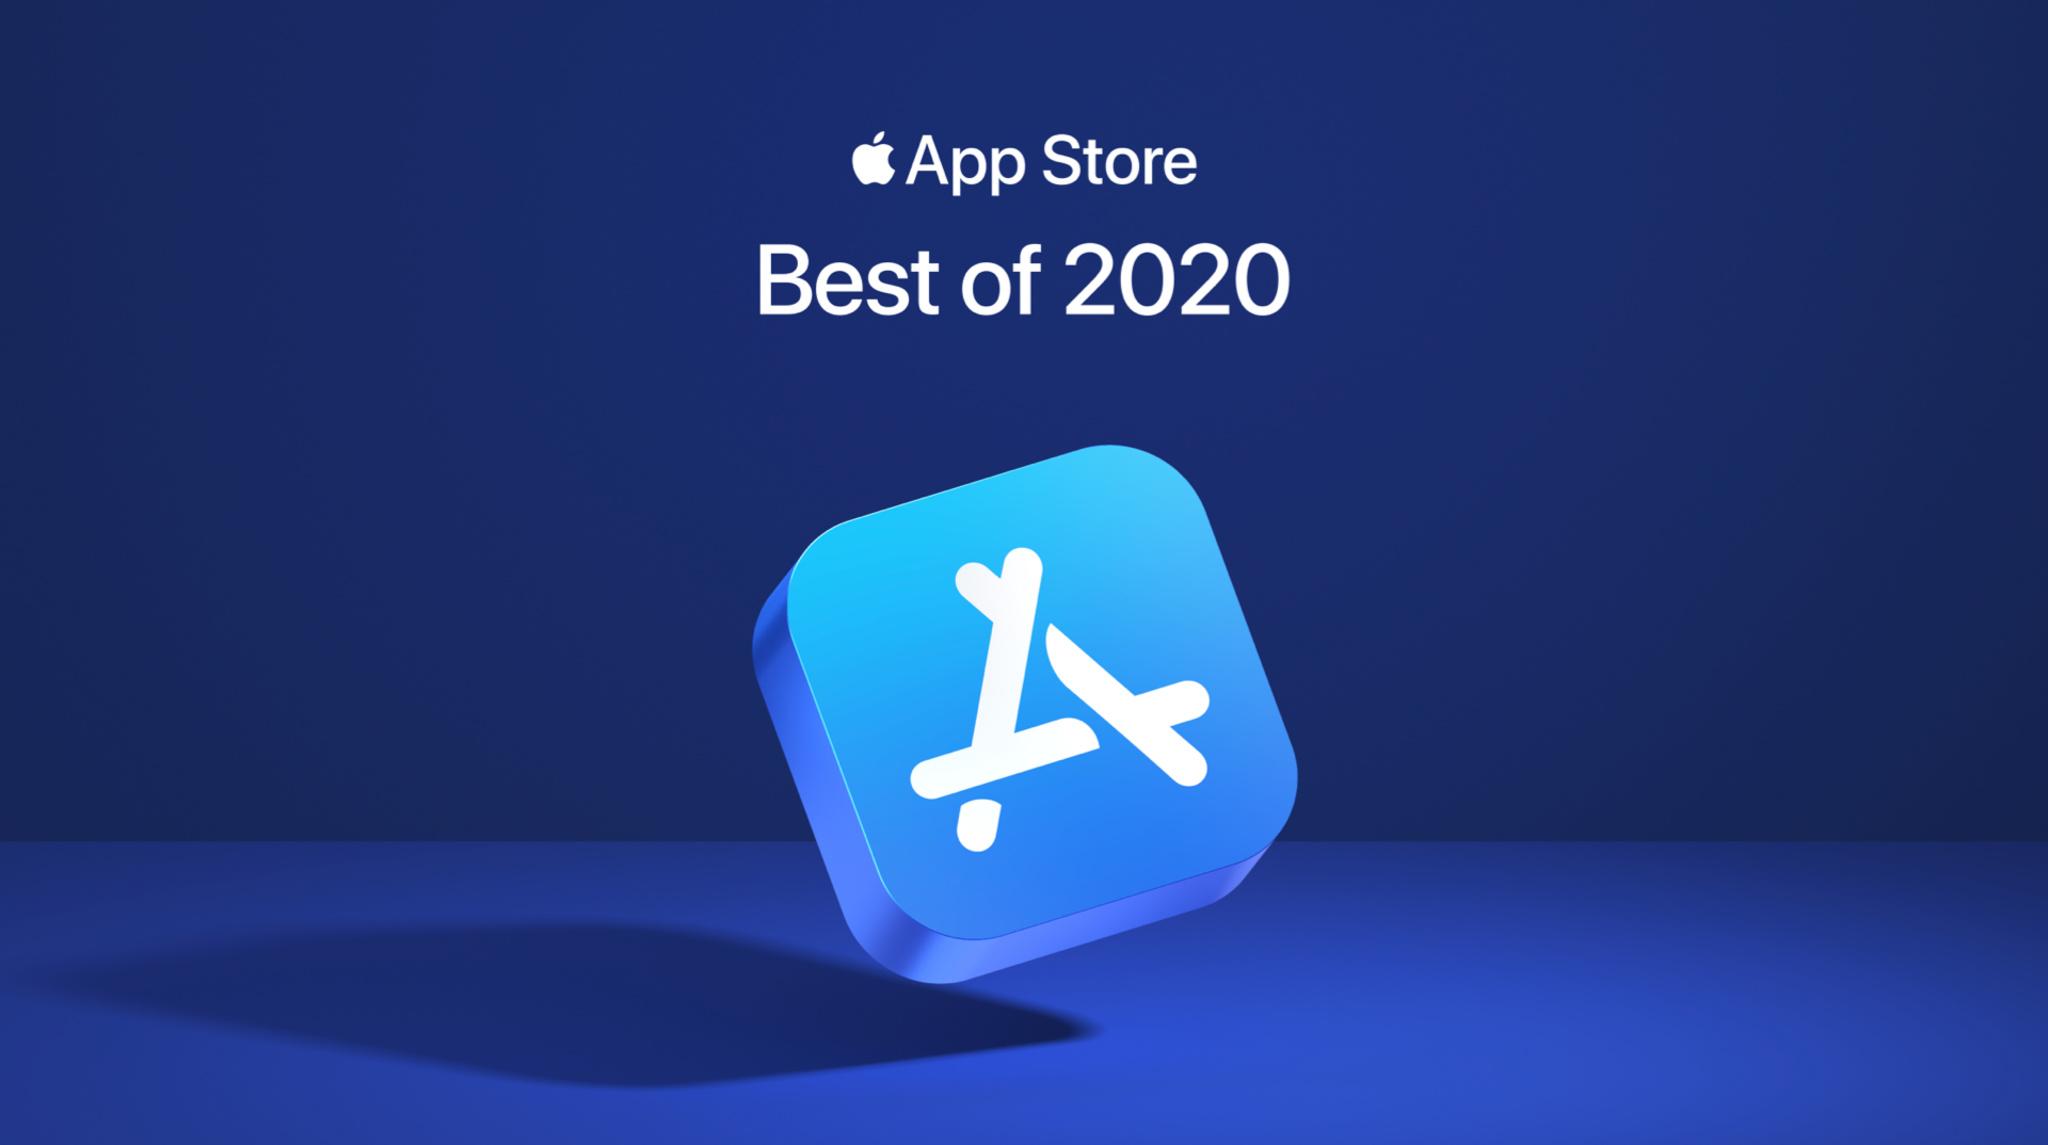 苹果发布2020年度各类最佳应用程序榜单,人们对自我健康管理、远程学习和办公、家庭亲情关怀类应用的关注明显上升